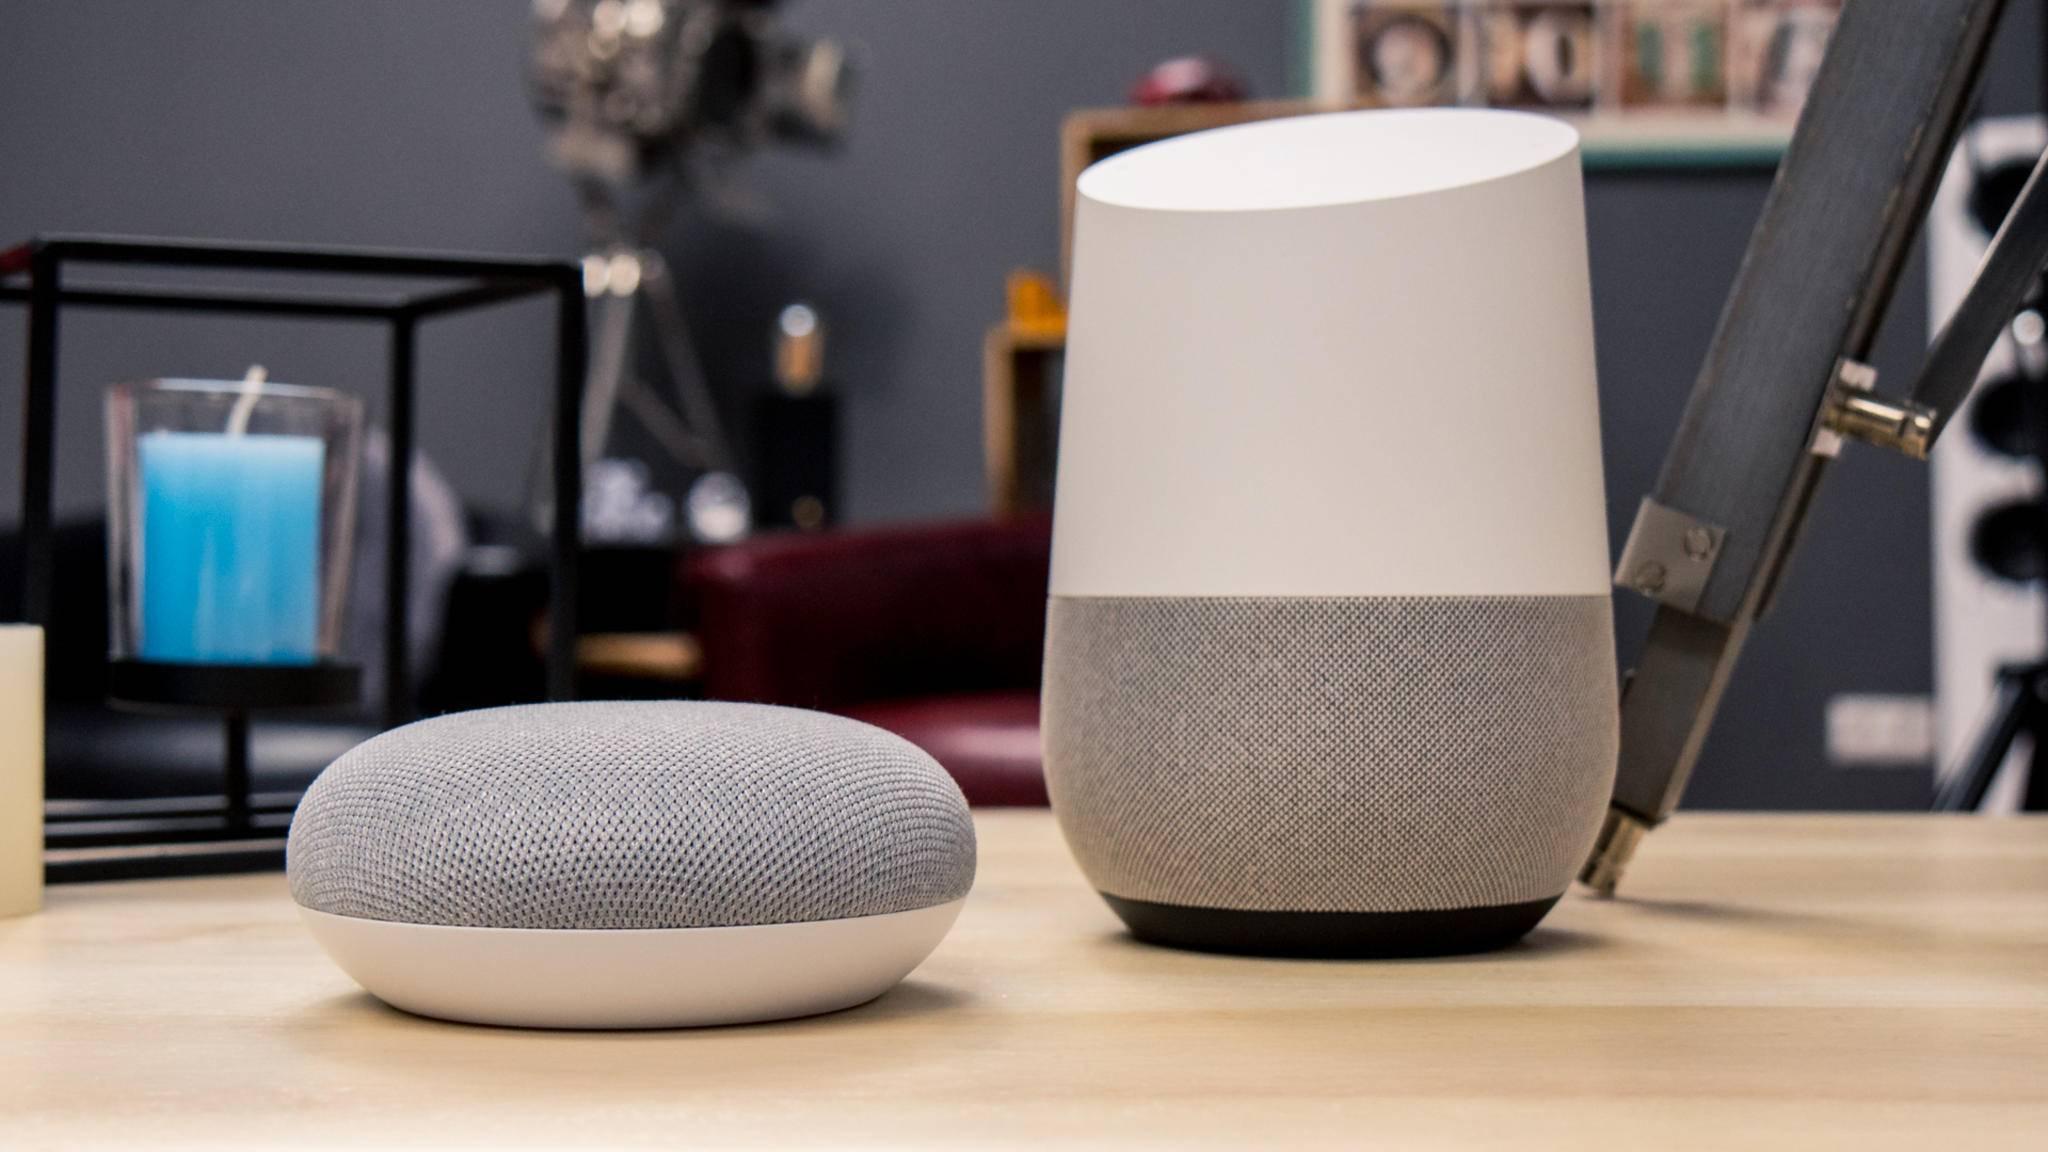 Bald kannst Du längere Gespräche mit Deinem Google Home führen.